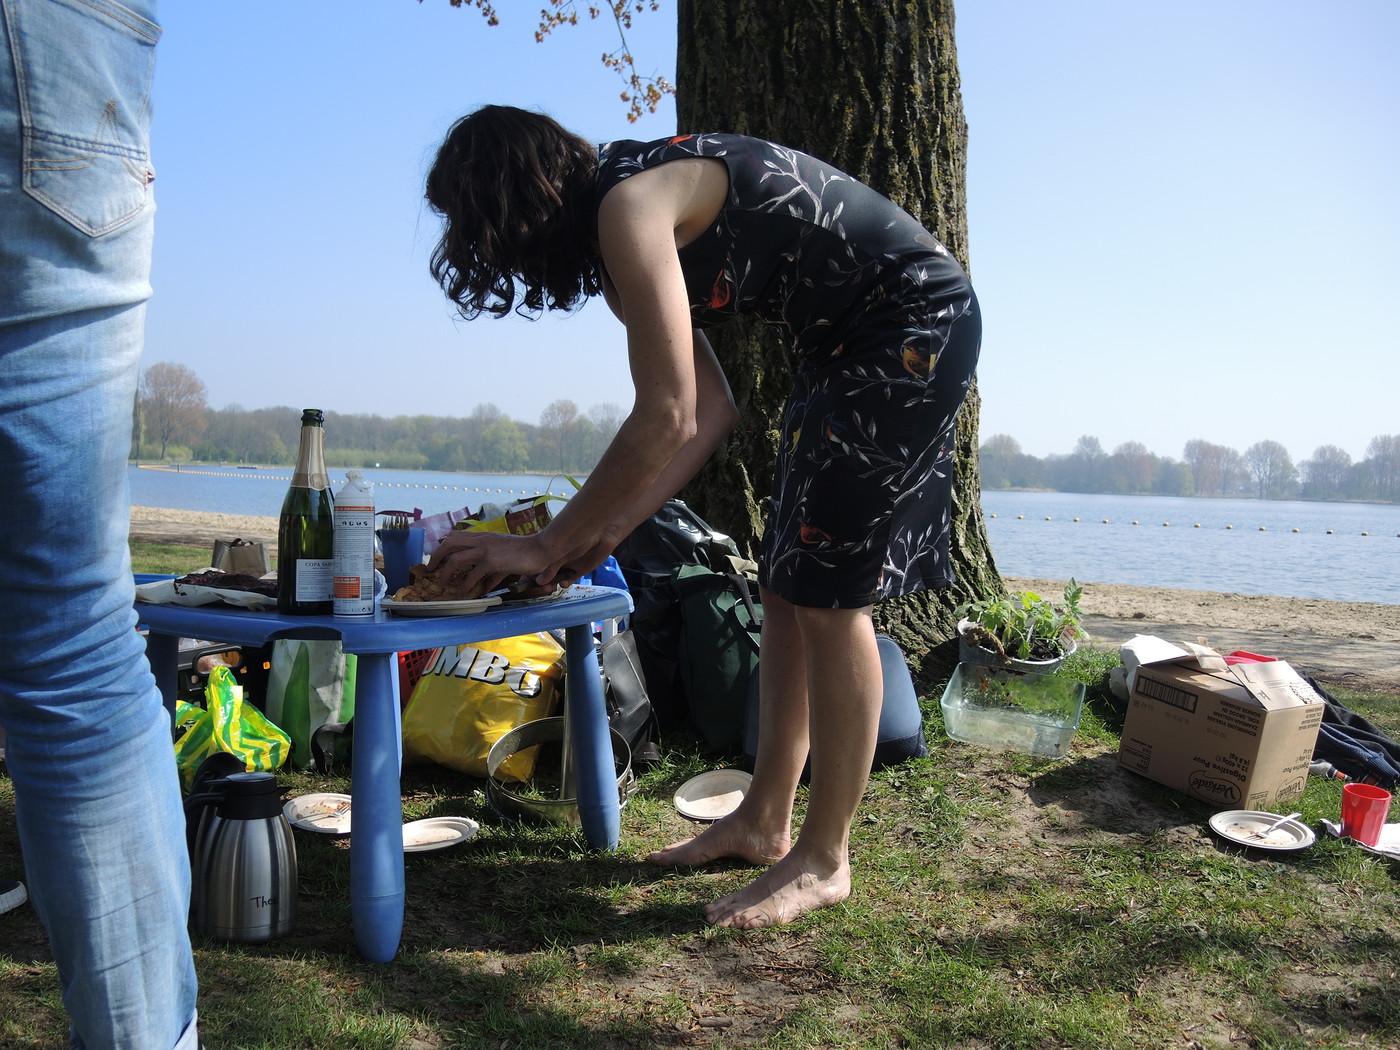 20170409 131121_Delft_Klein-Delfgauw_NLD.JPG